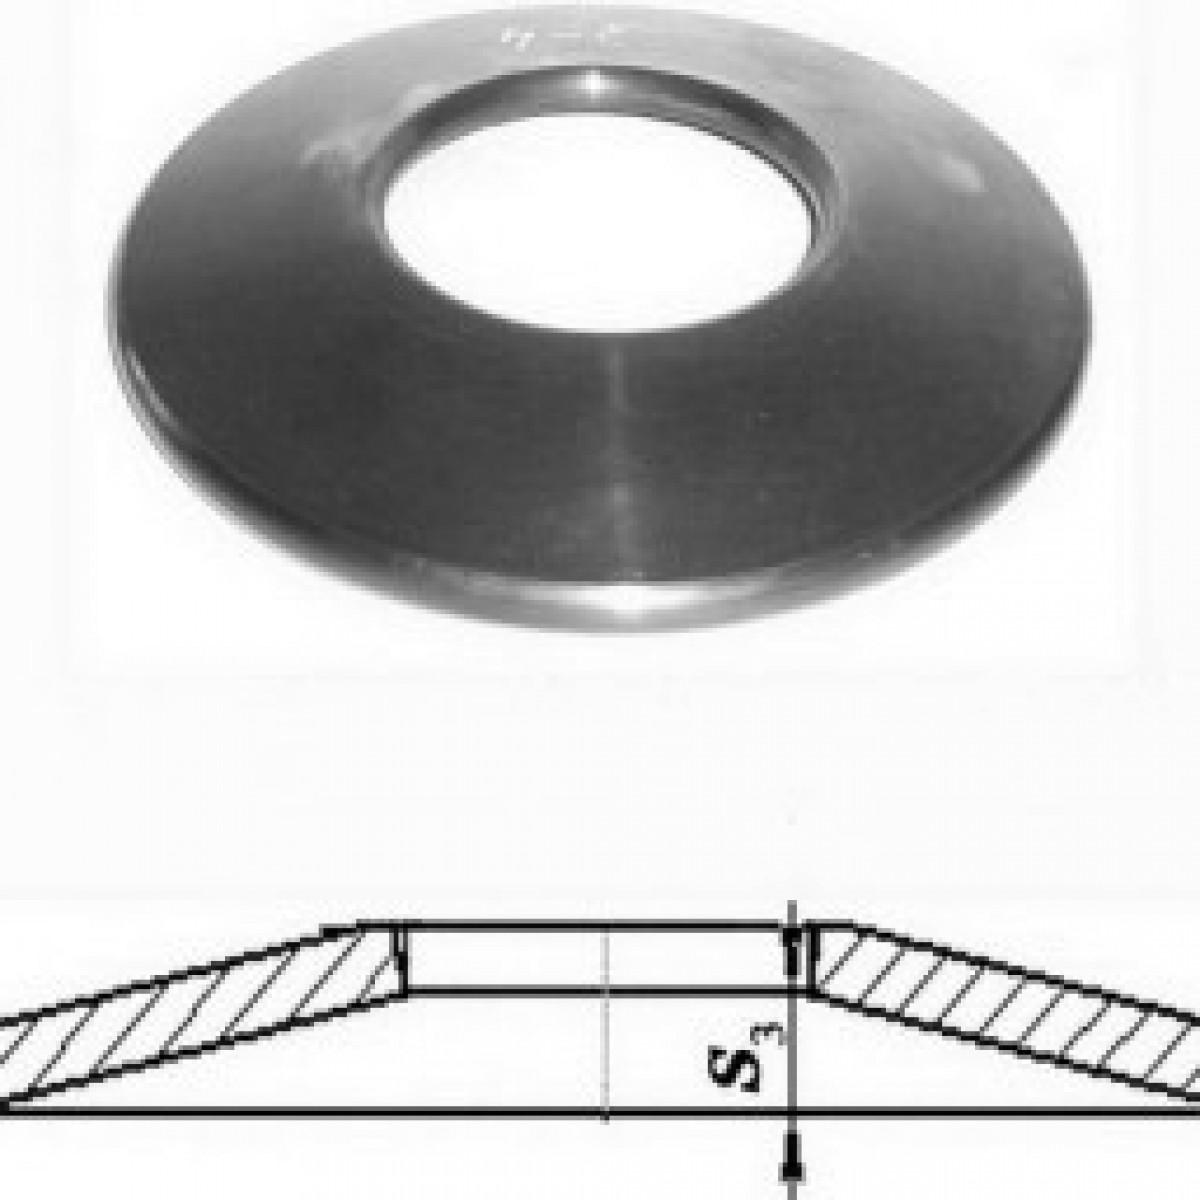 Тарельчатая пружина: гост, расчет, изготовление - токарь